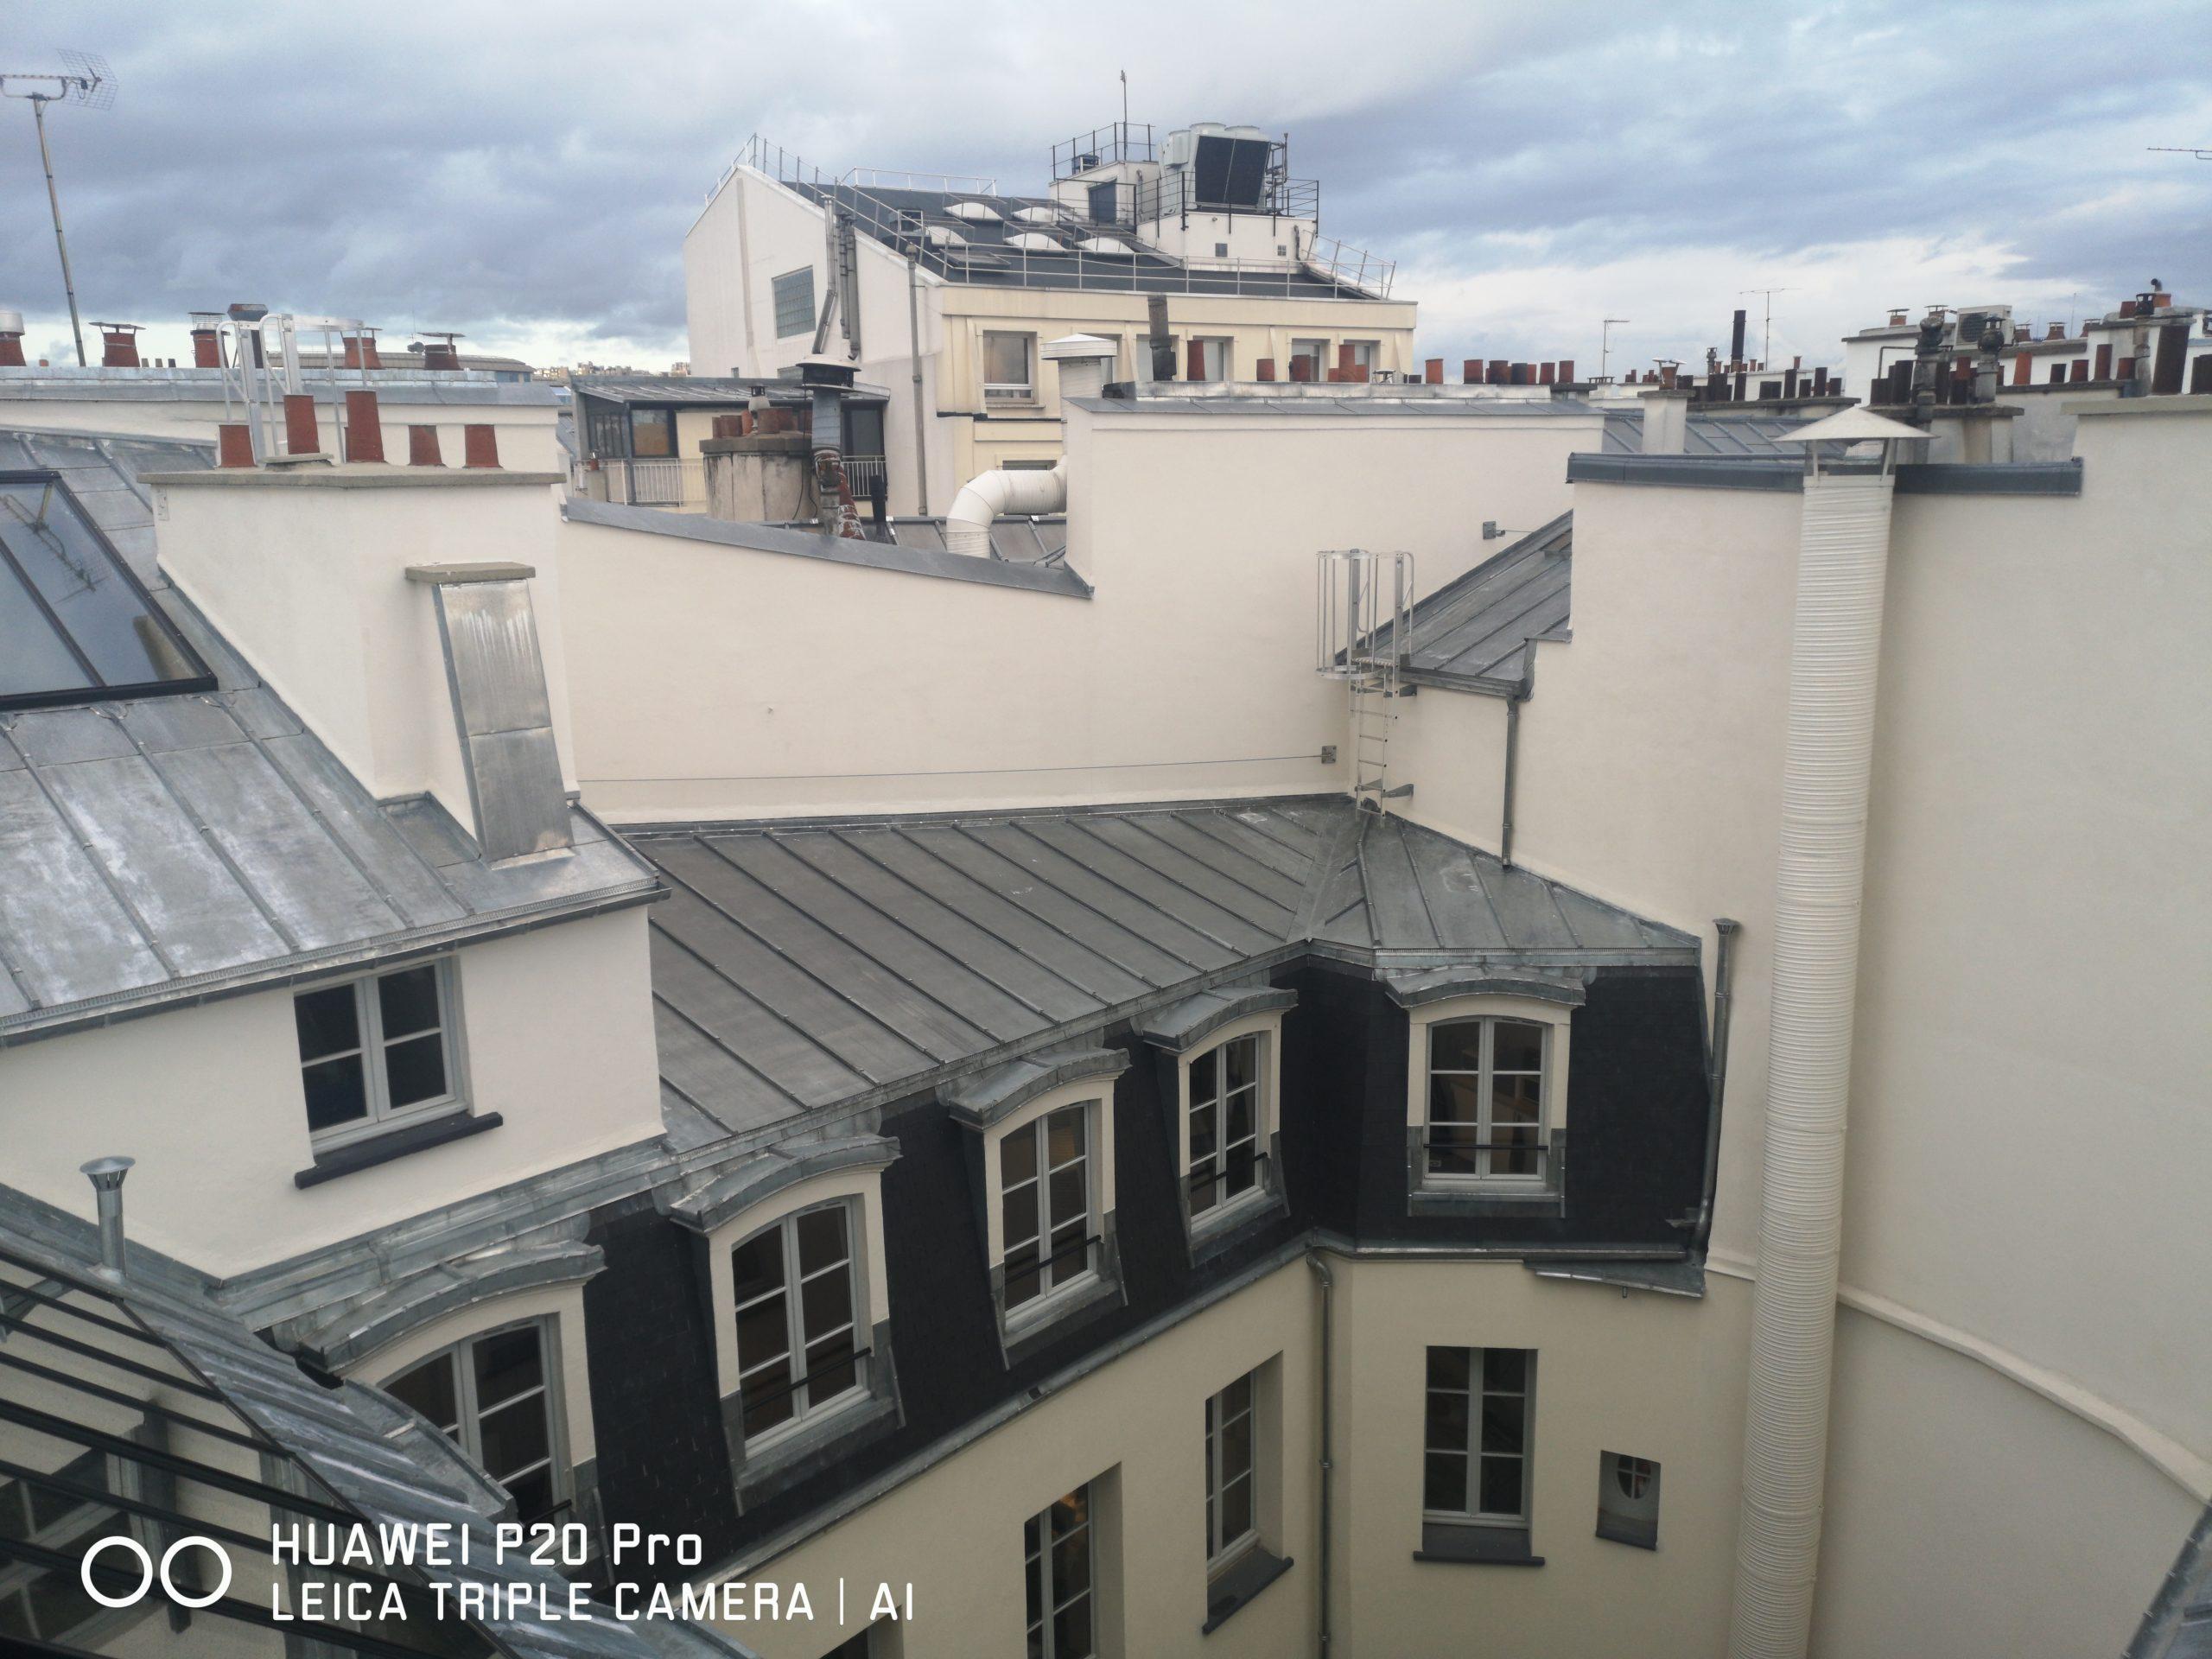 52 rue de la Chaussée d'Antin 75009 Paris